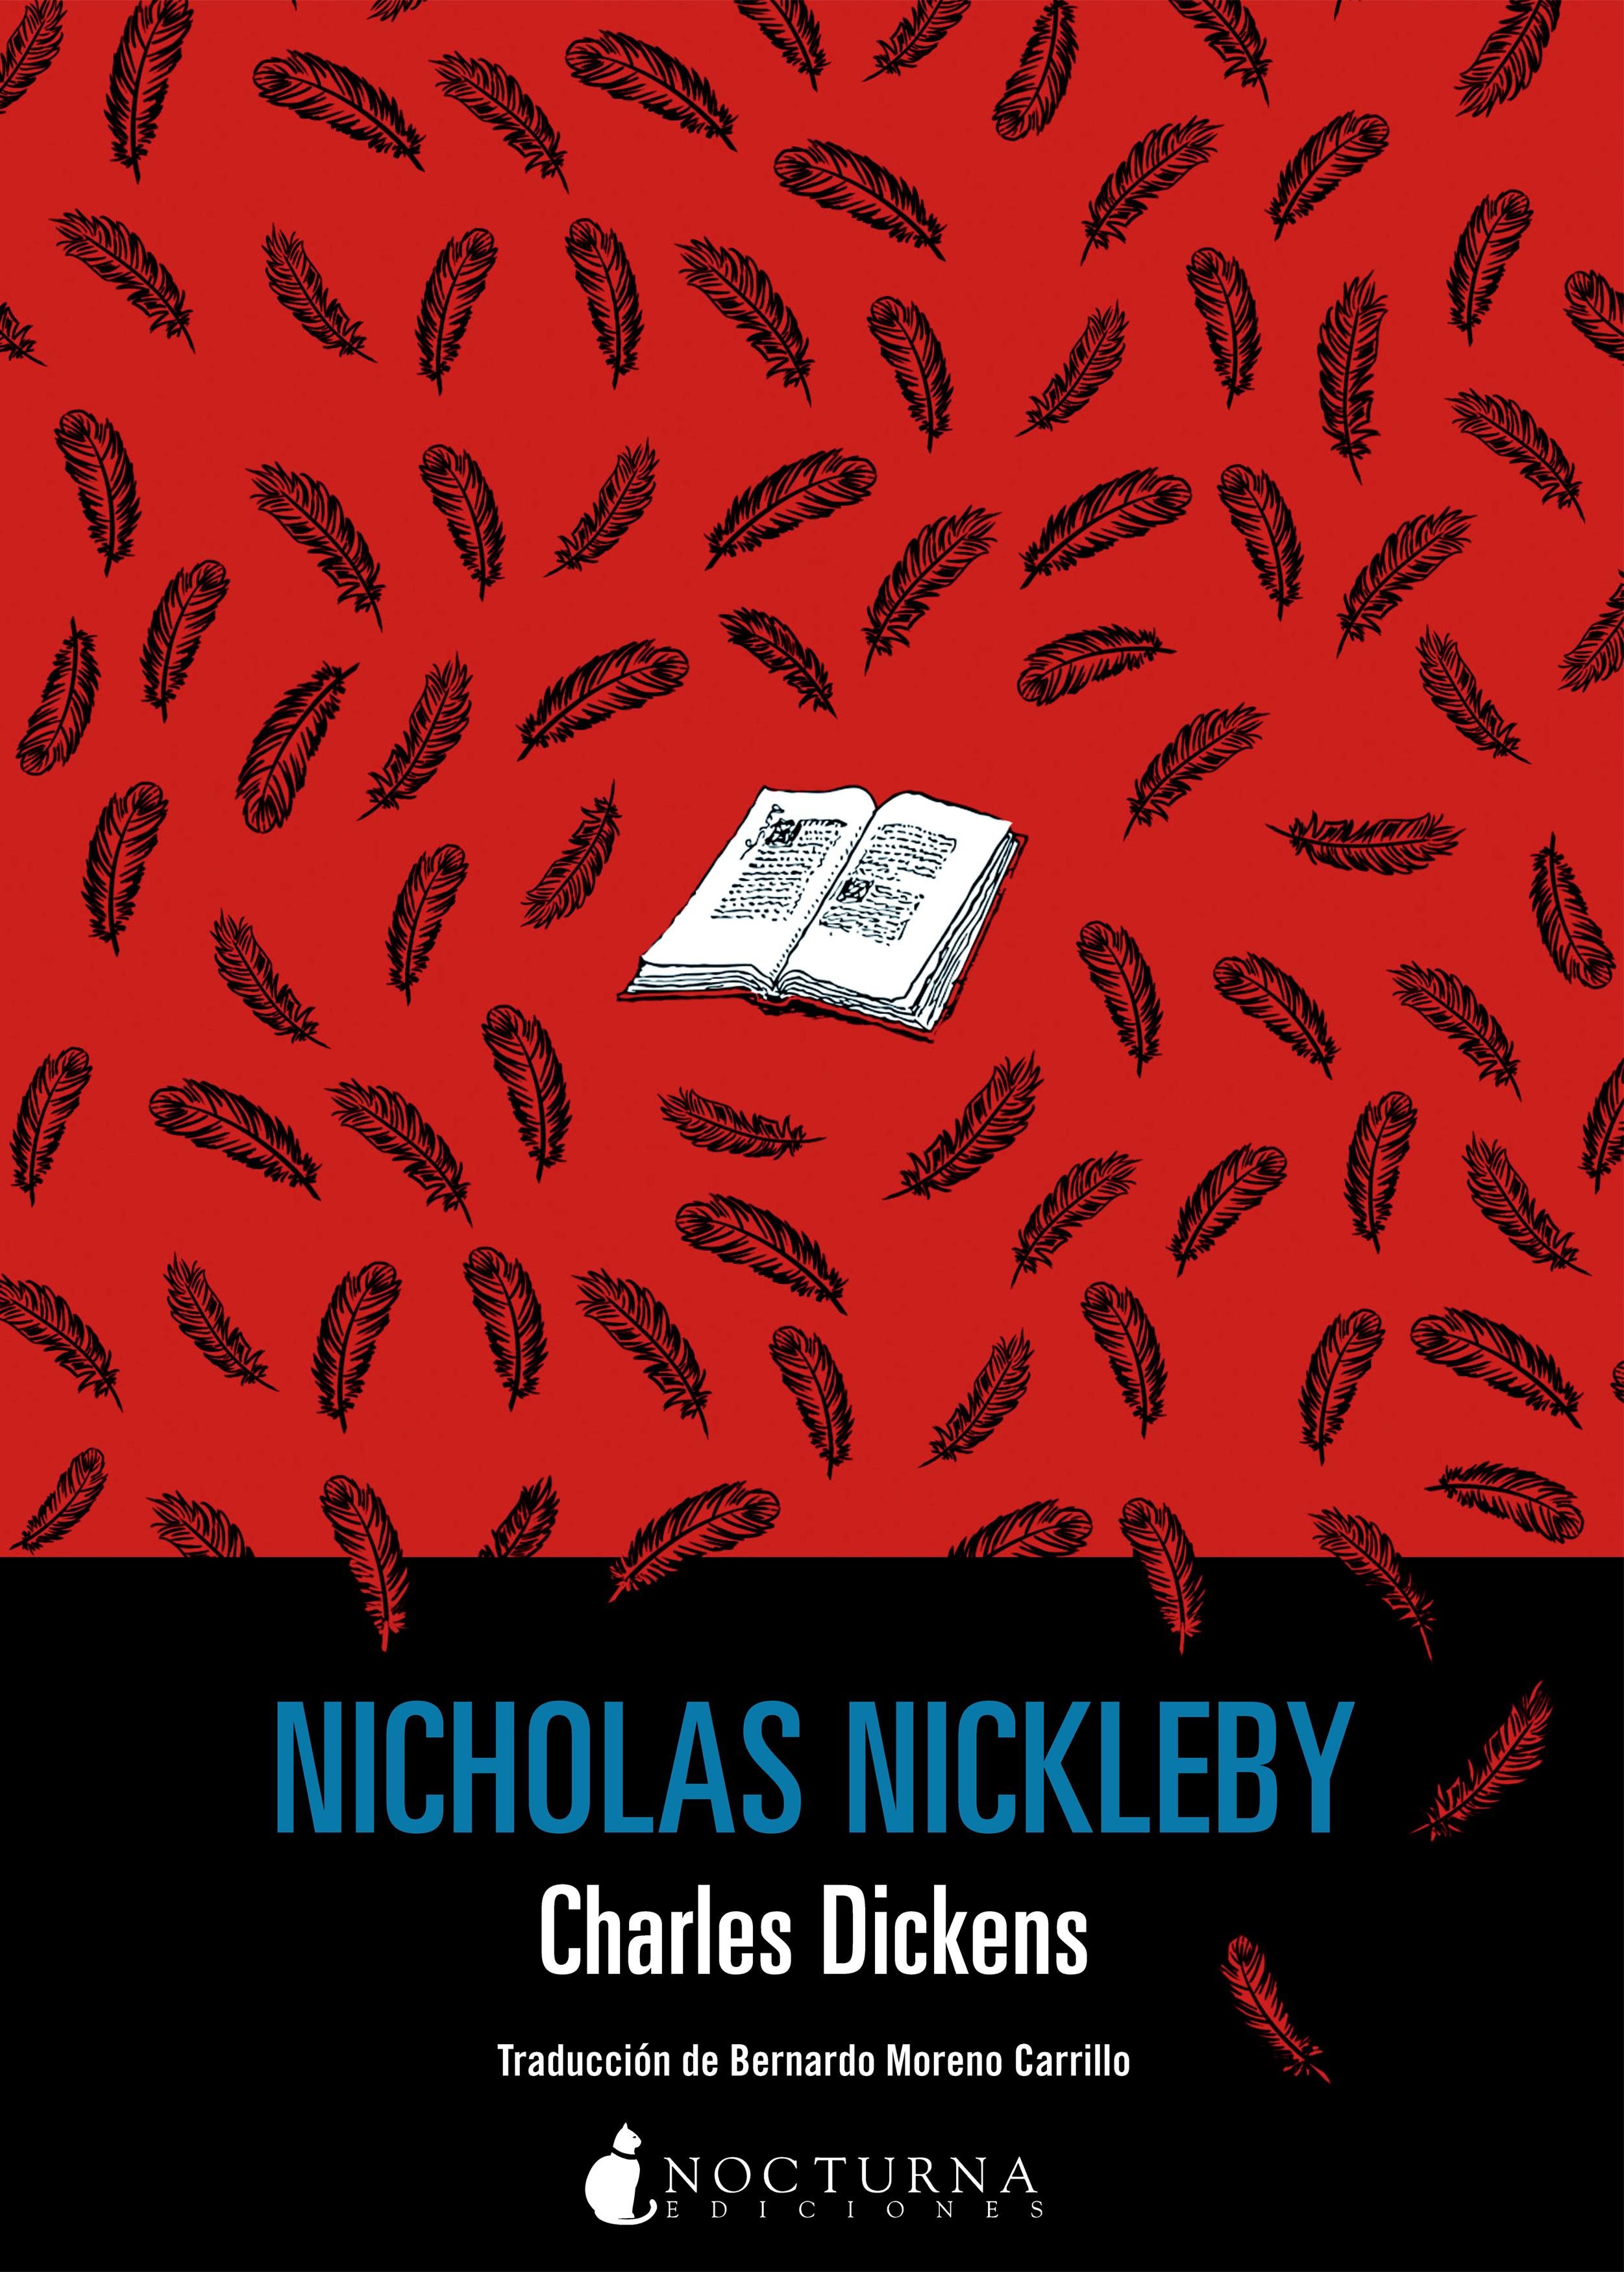 Resultado de imagen de Nicholas Nickleby, Charles Dickens nocturna